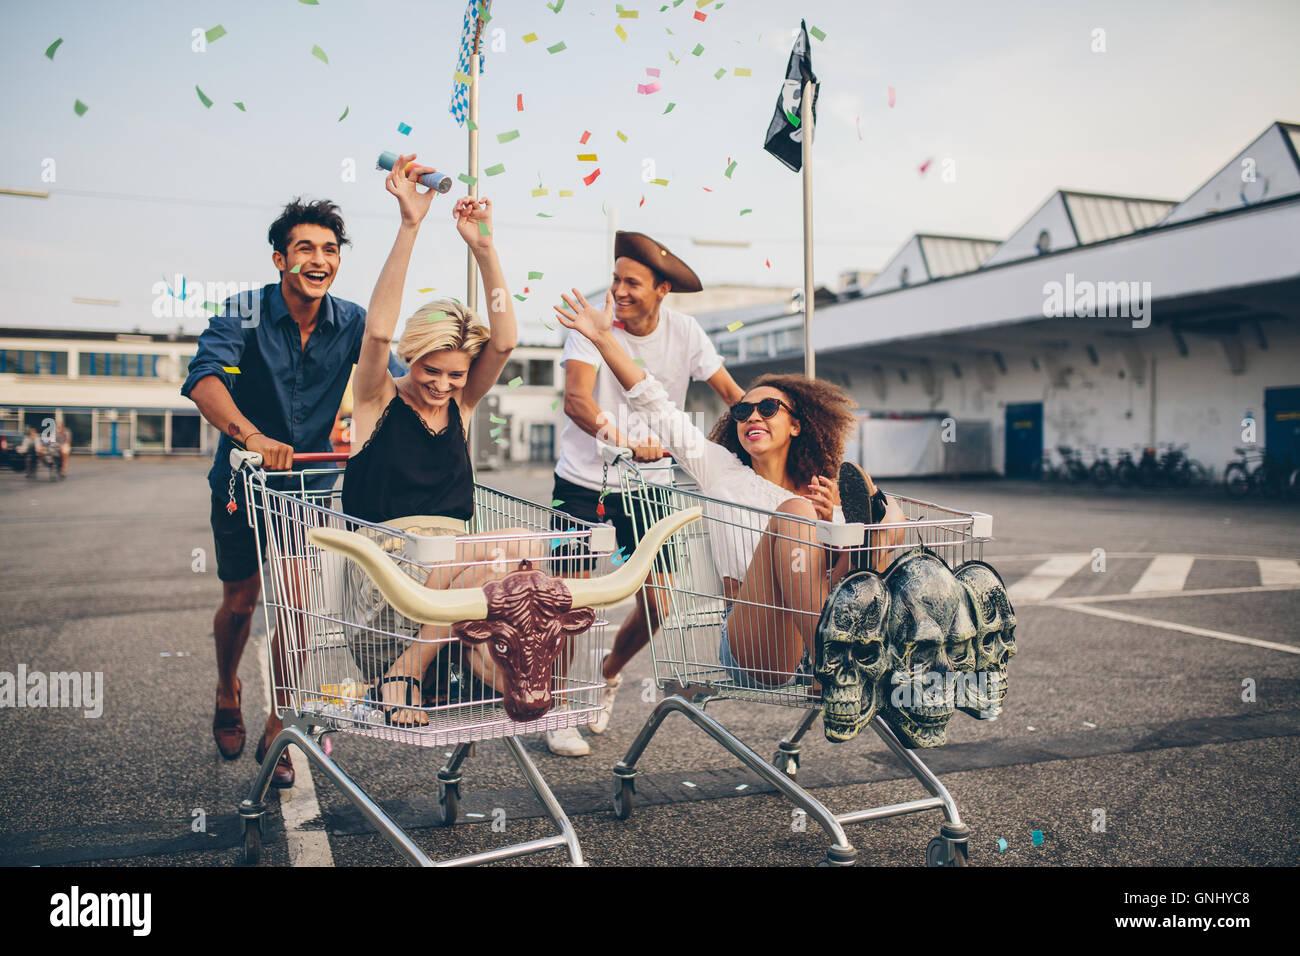 Jeunes amis s'amusant sur un chariot. Les jeunes multiethniques racing sur panier. Photo Stock